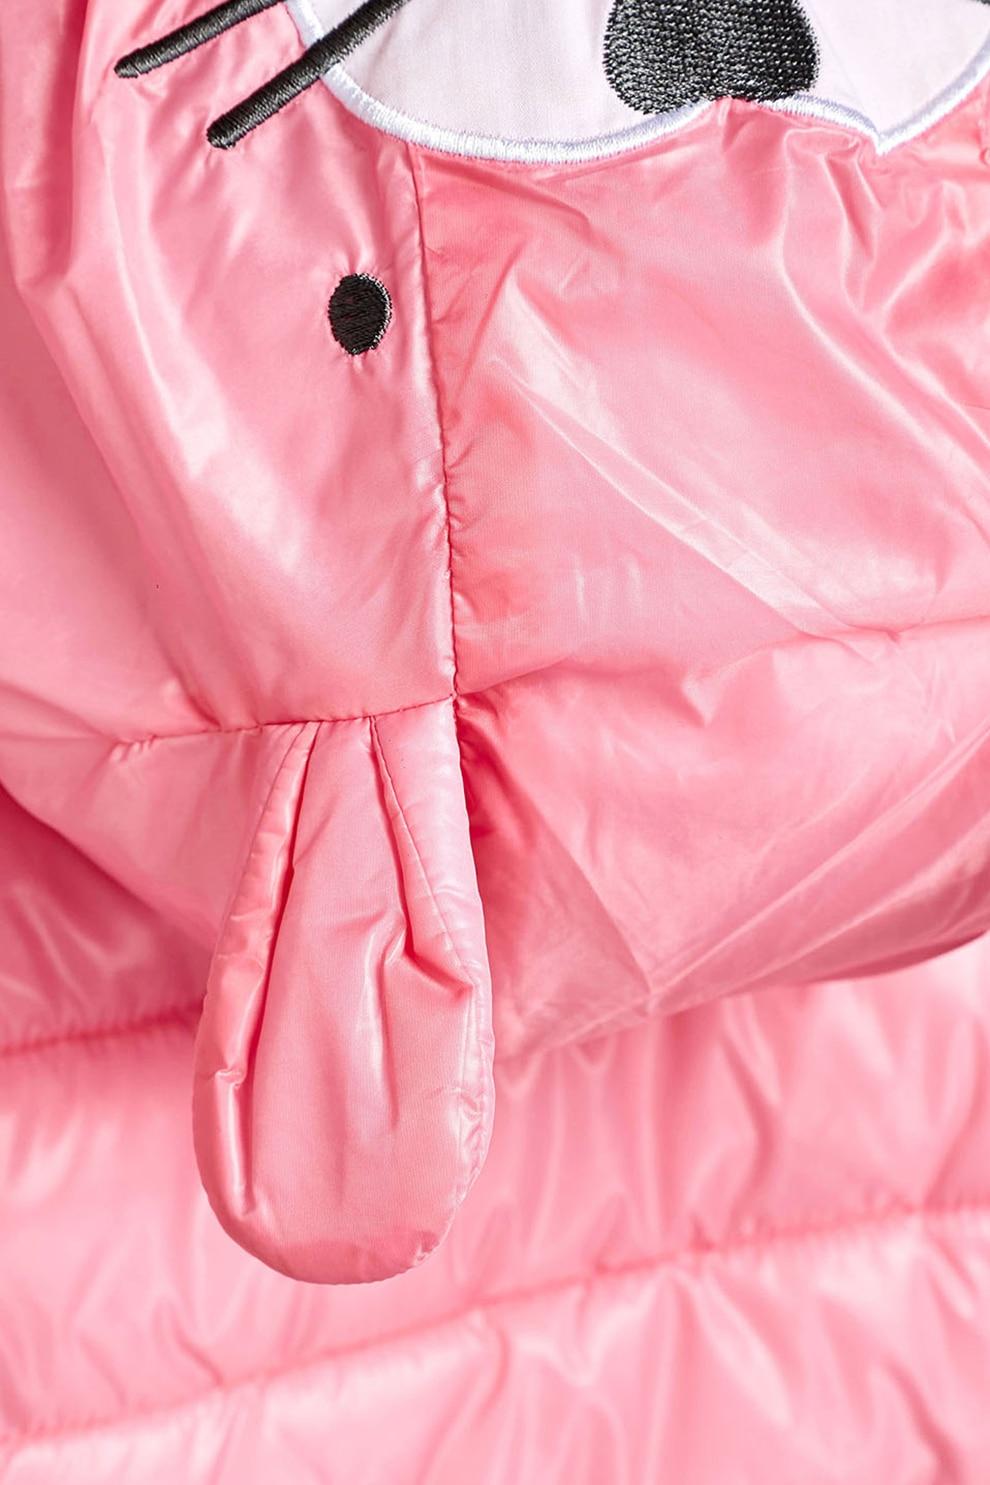 NEXT, Steppelt télikabát nyuszis dizájnnal, Rózsaszín, 3 6M